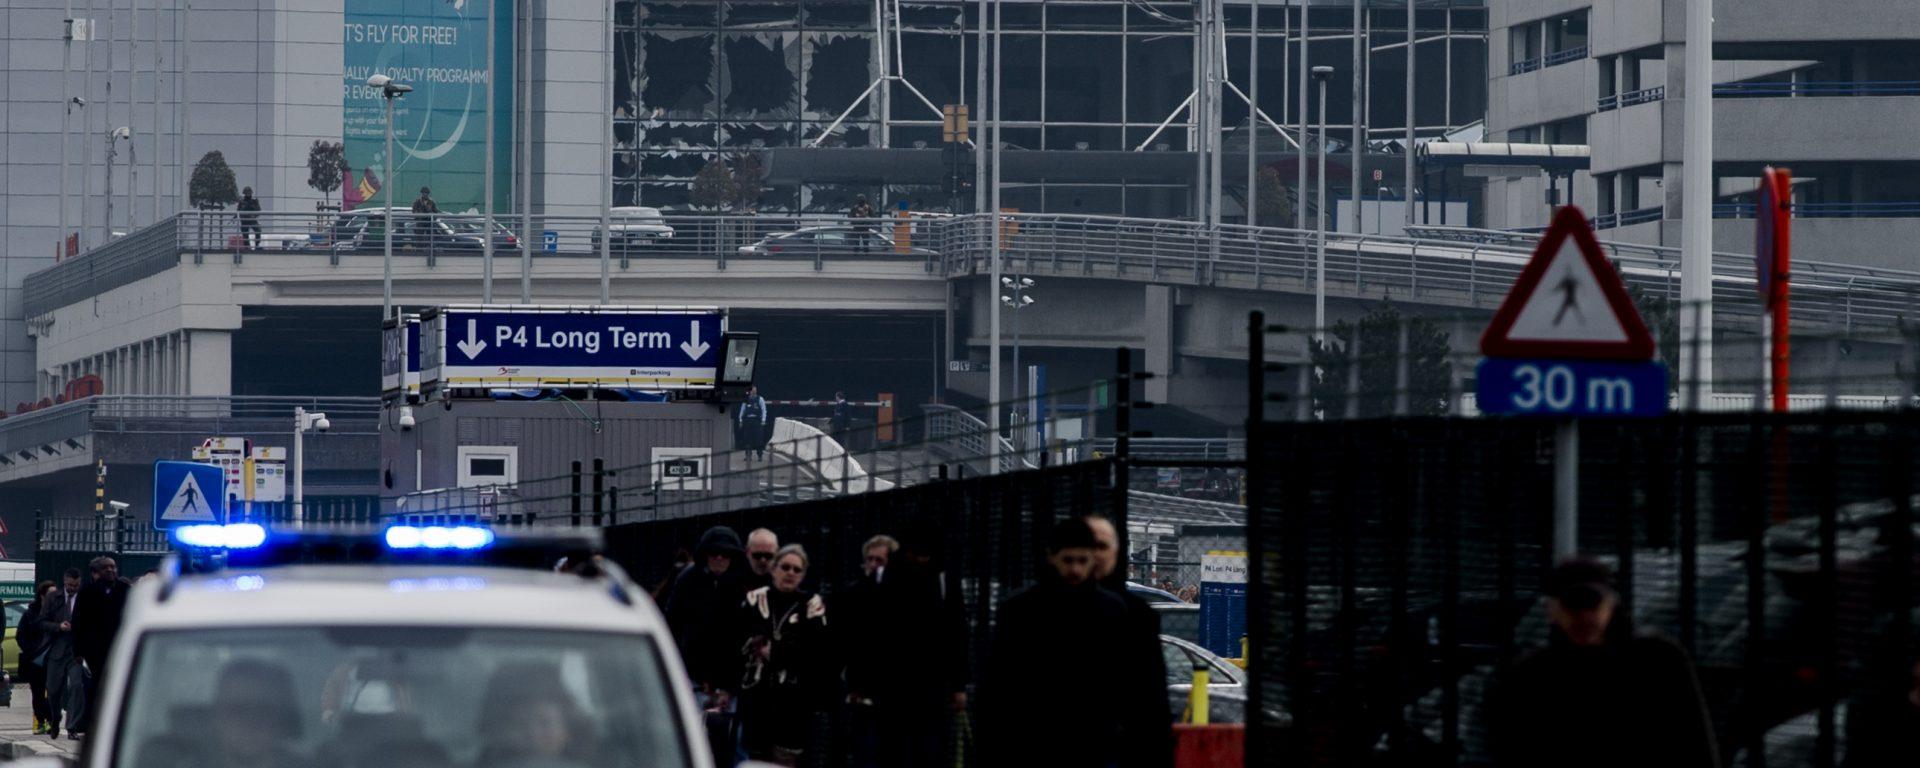 2016-03-22 09:19:24 BRUSSEL - Reizigers lopen buiten bij luchthaven Brussel. Bij een aanslag in de vertrekhal van de luchthaven zijn veel slachtoffers gevallen. ANP JONAS ROOSENS